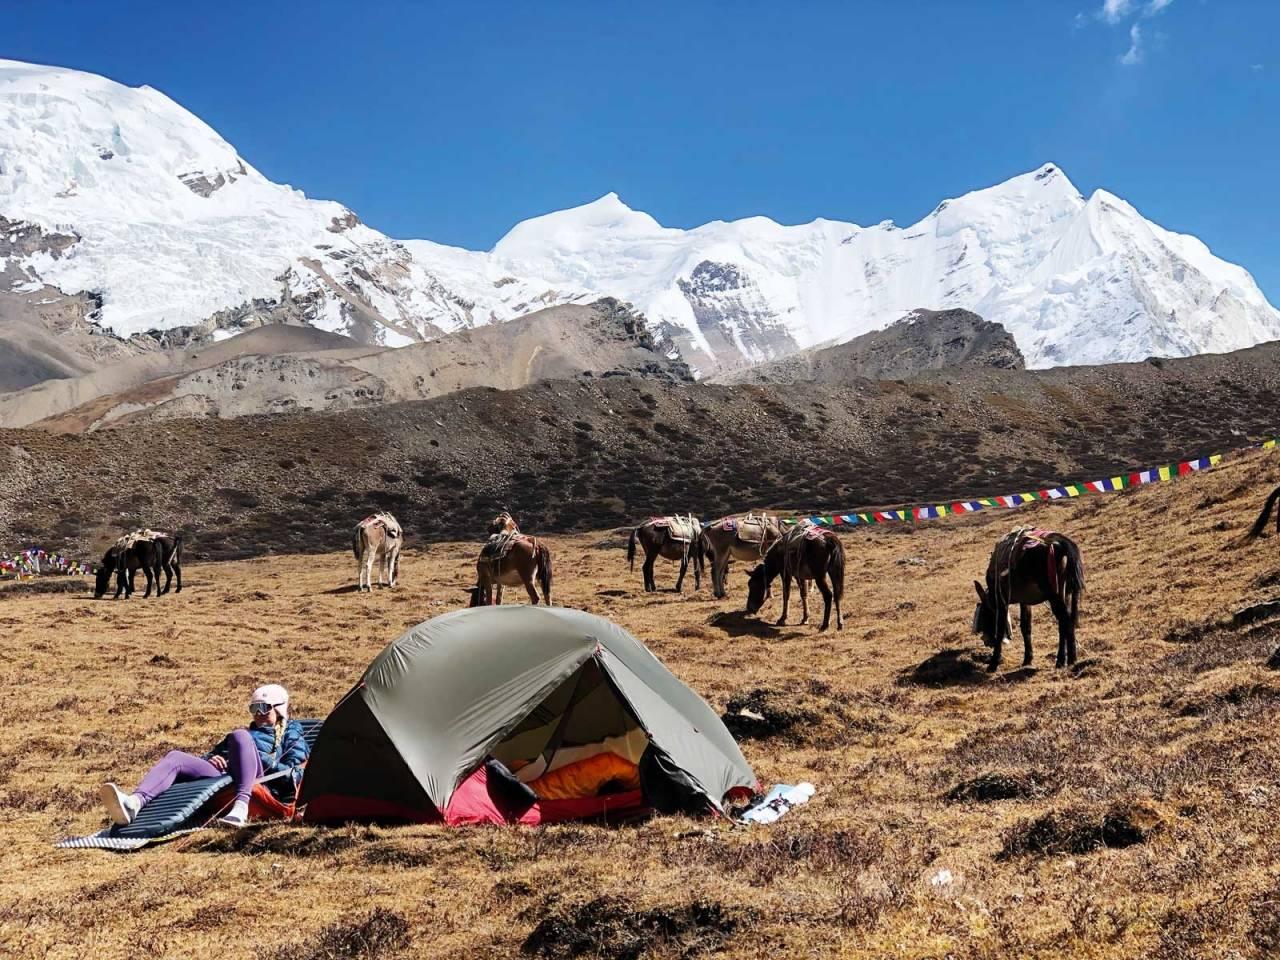 HJEMMEKOSELIG: En brukbar teltplass i hovedleiren til fjellene i bakgrunnen, deriblant gudinna, Himlung Himal. Foto: Moa Hundseid